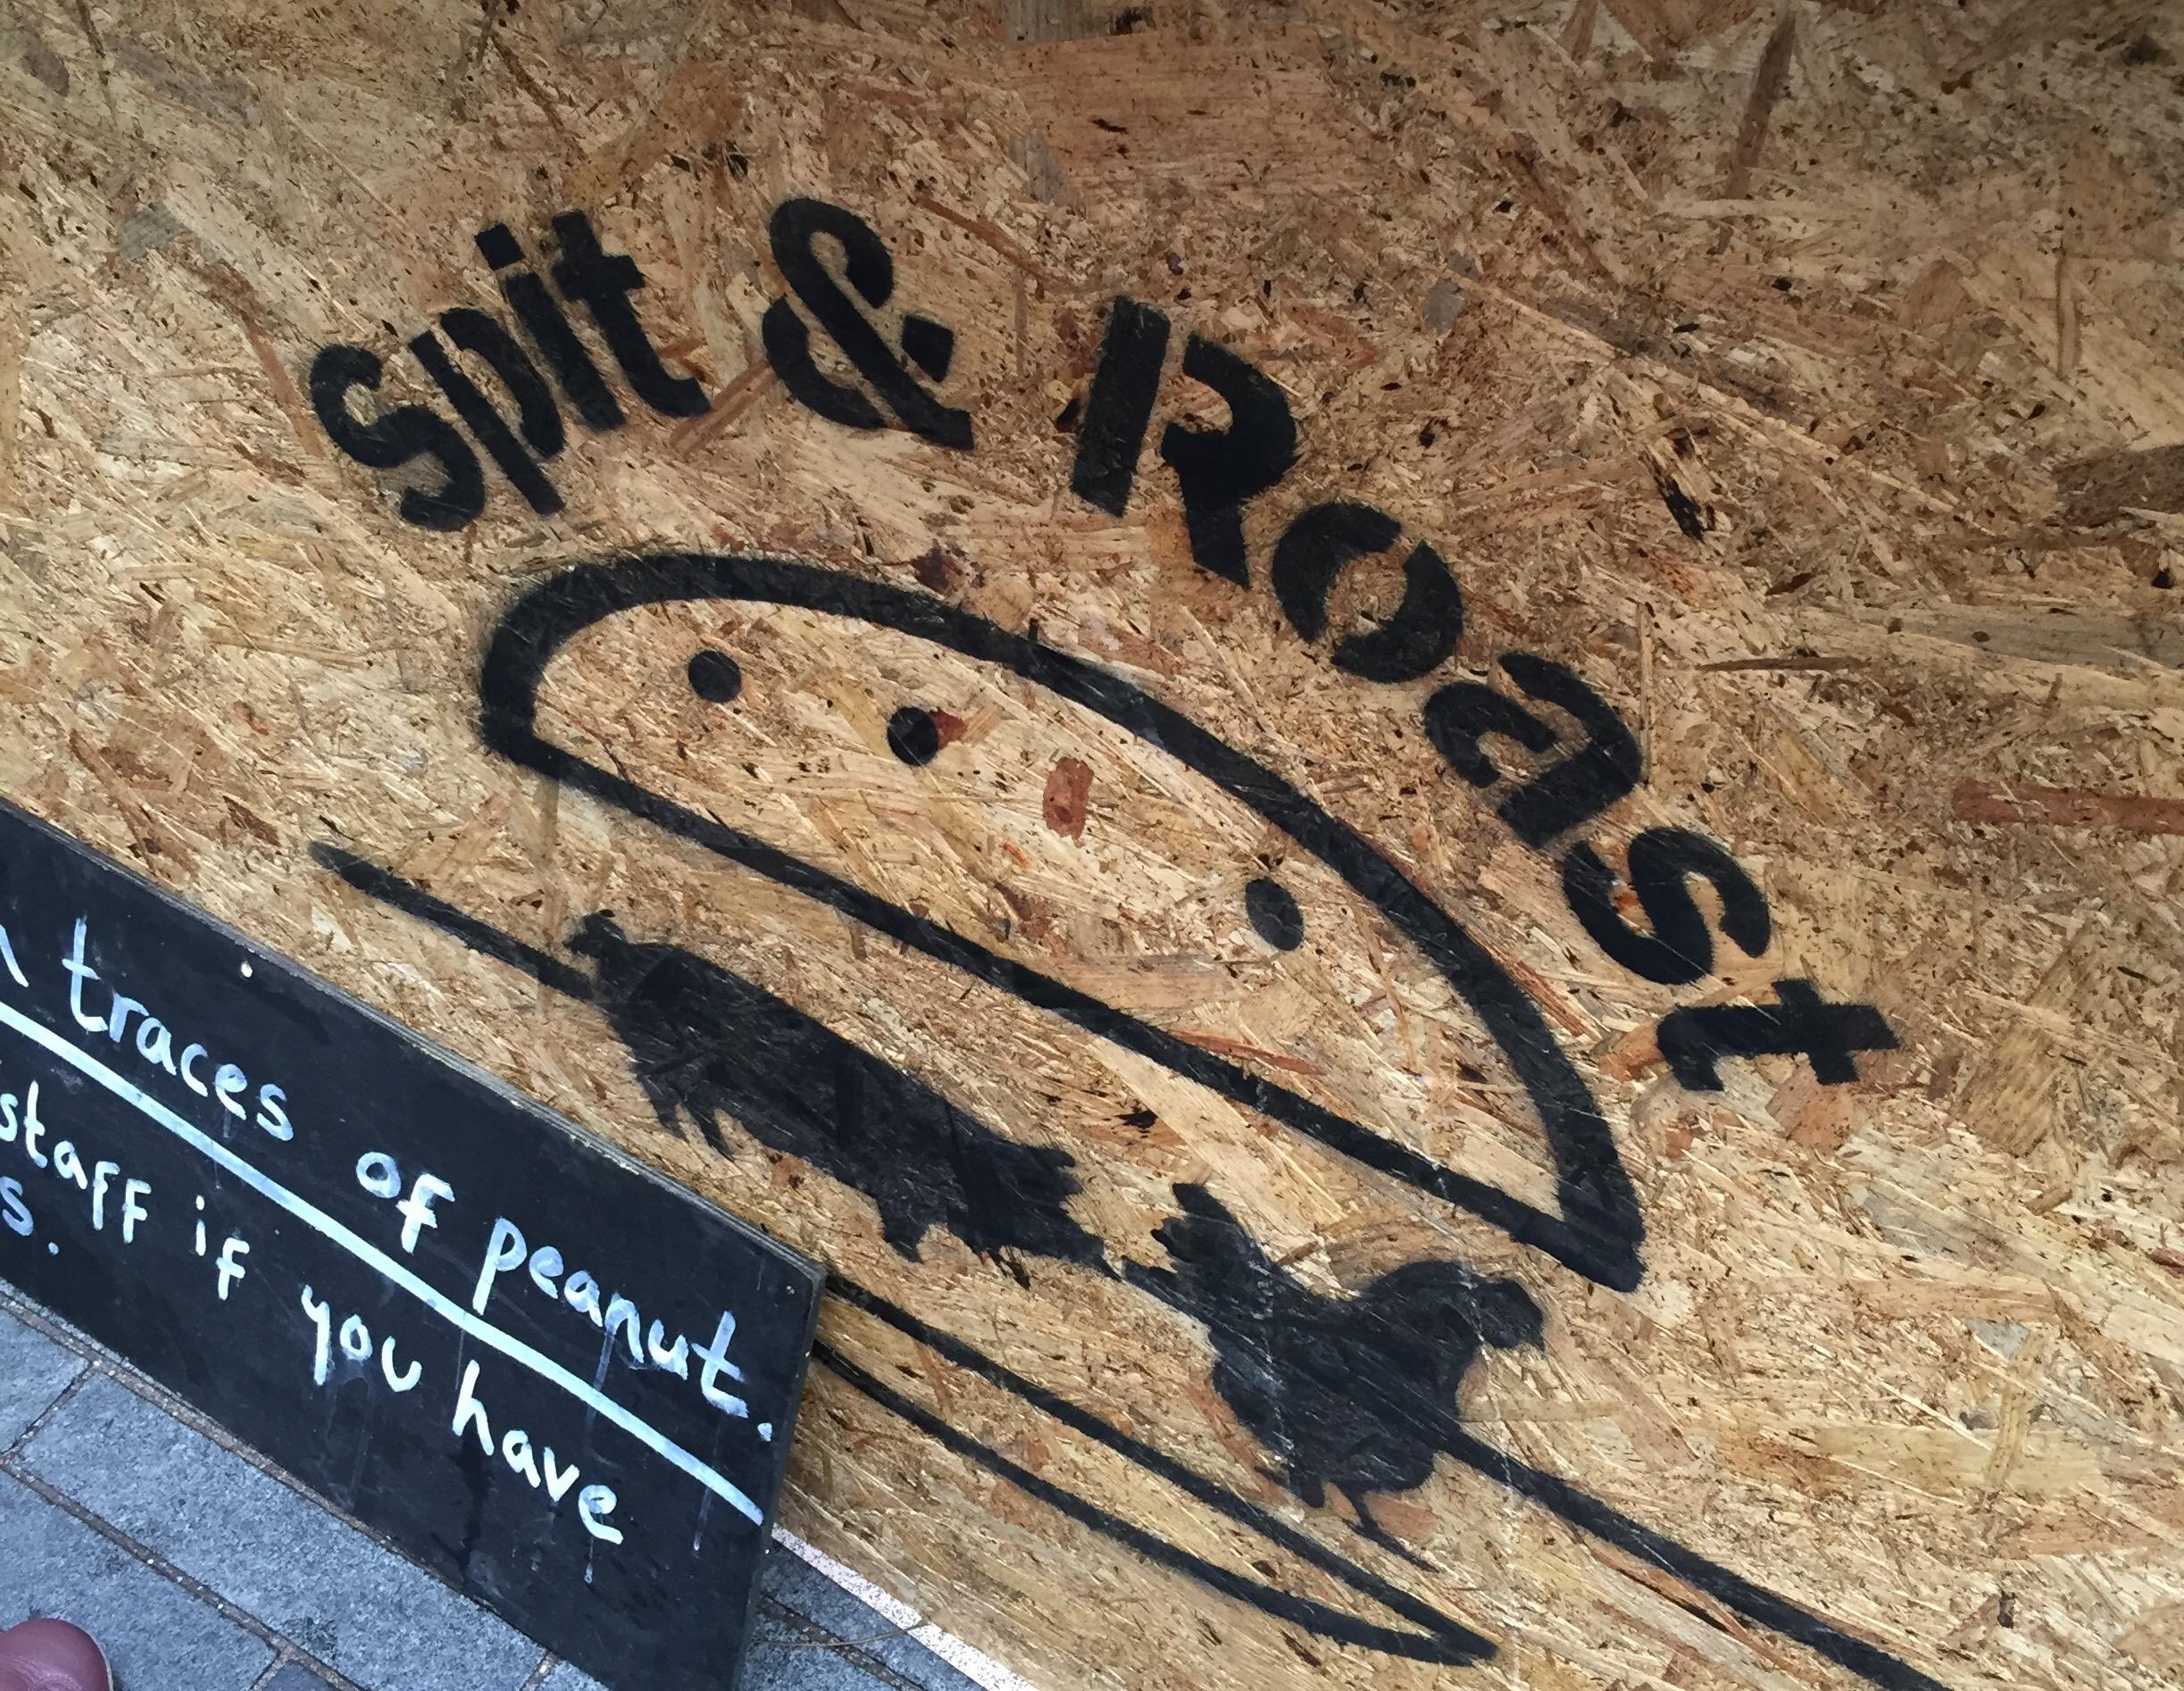 spit & roast southbank market